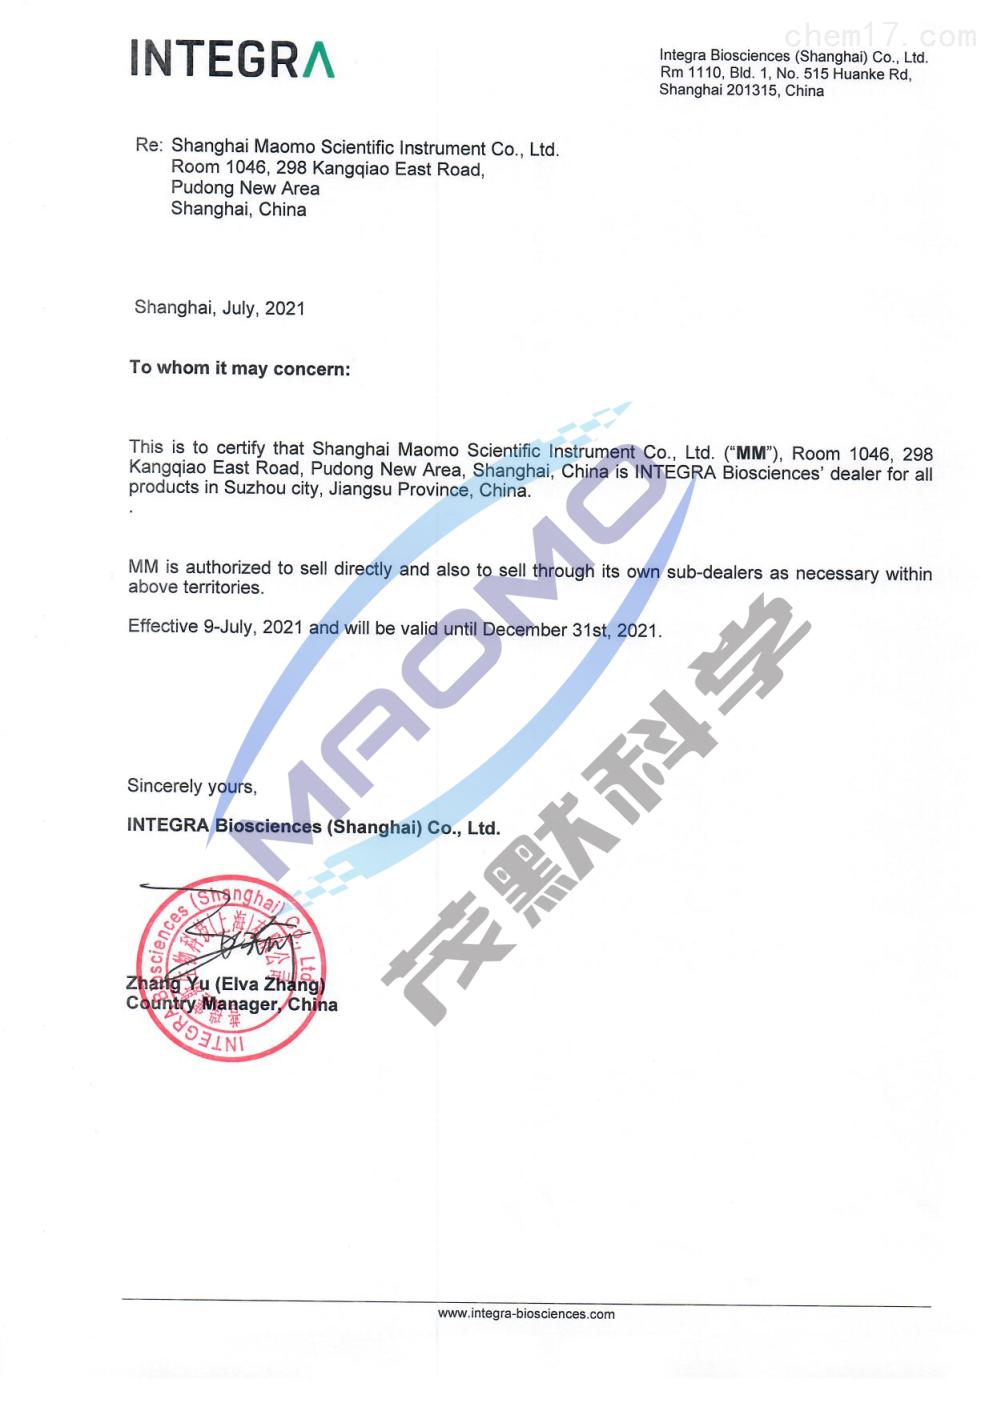 Interga授权书2021.png